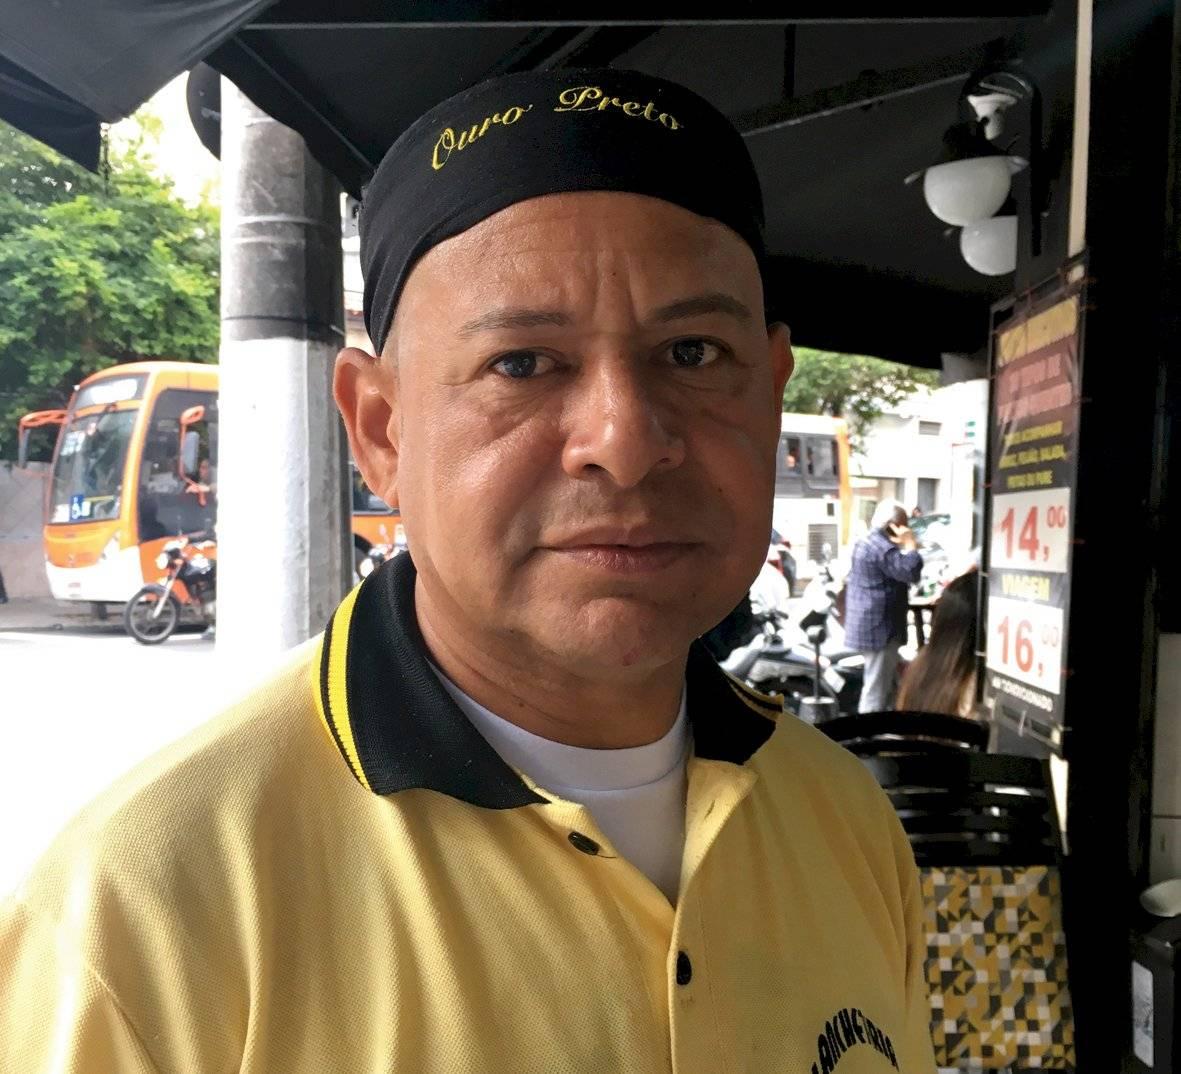 Francisco Elton da Silva Carvalho, 48 anos, garçom, não-fumante Letícia Tanaka/Metro